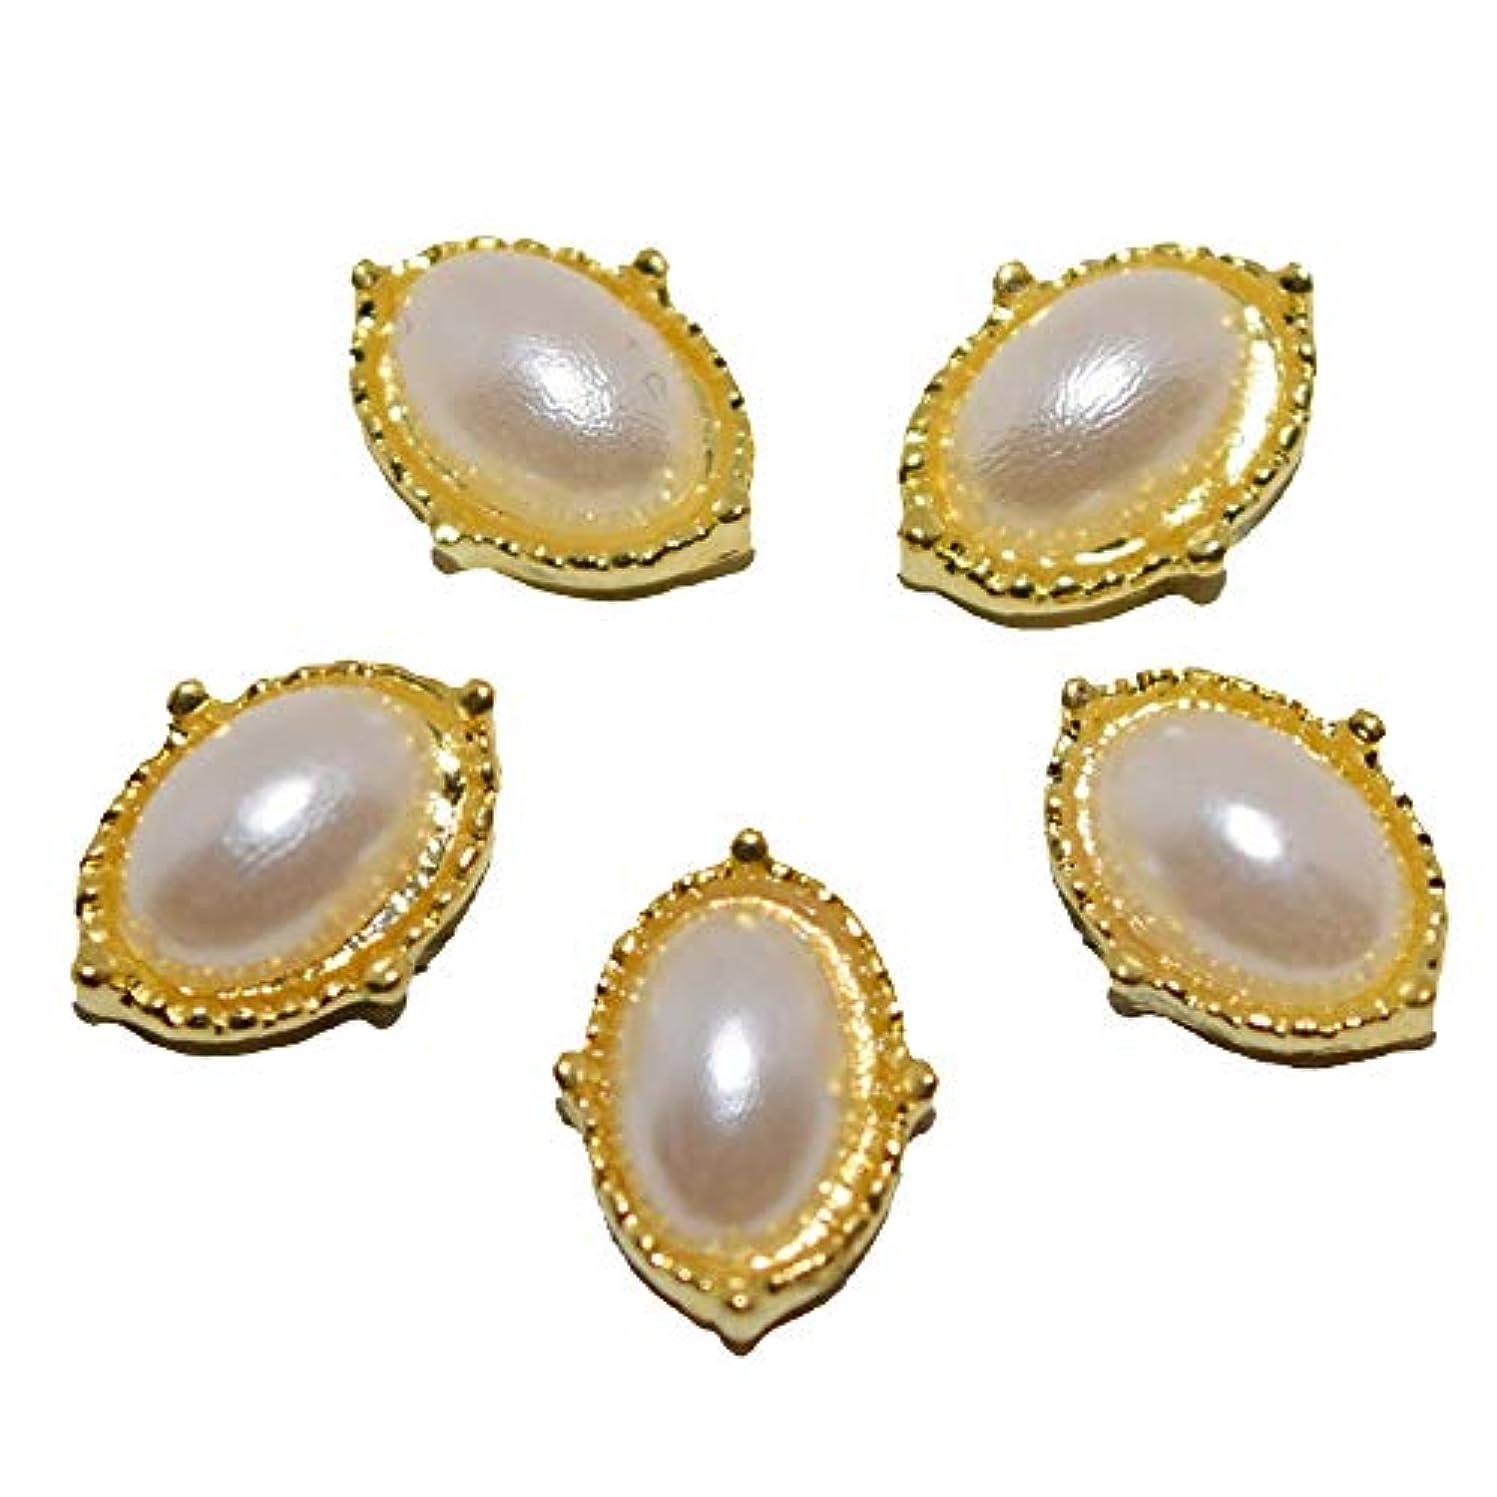 ラッチお起こる10個入り金馬の目の真珠3Dネイルアートの装飾合金ネイルチャームネイルズラインストーン用品